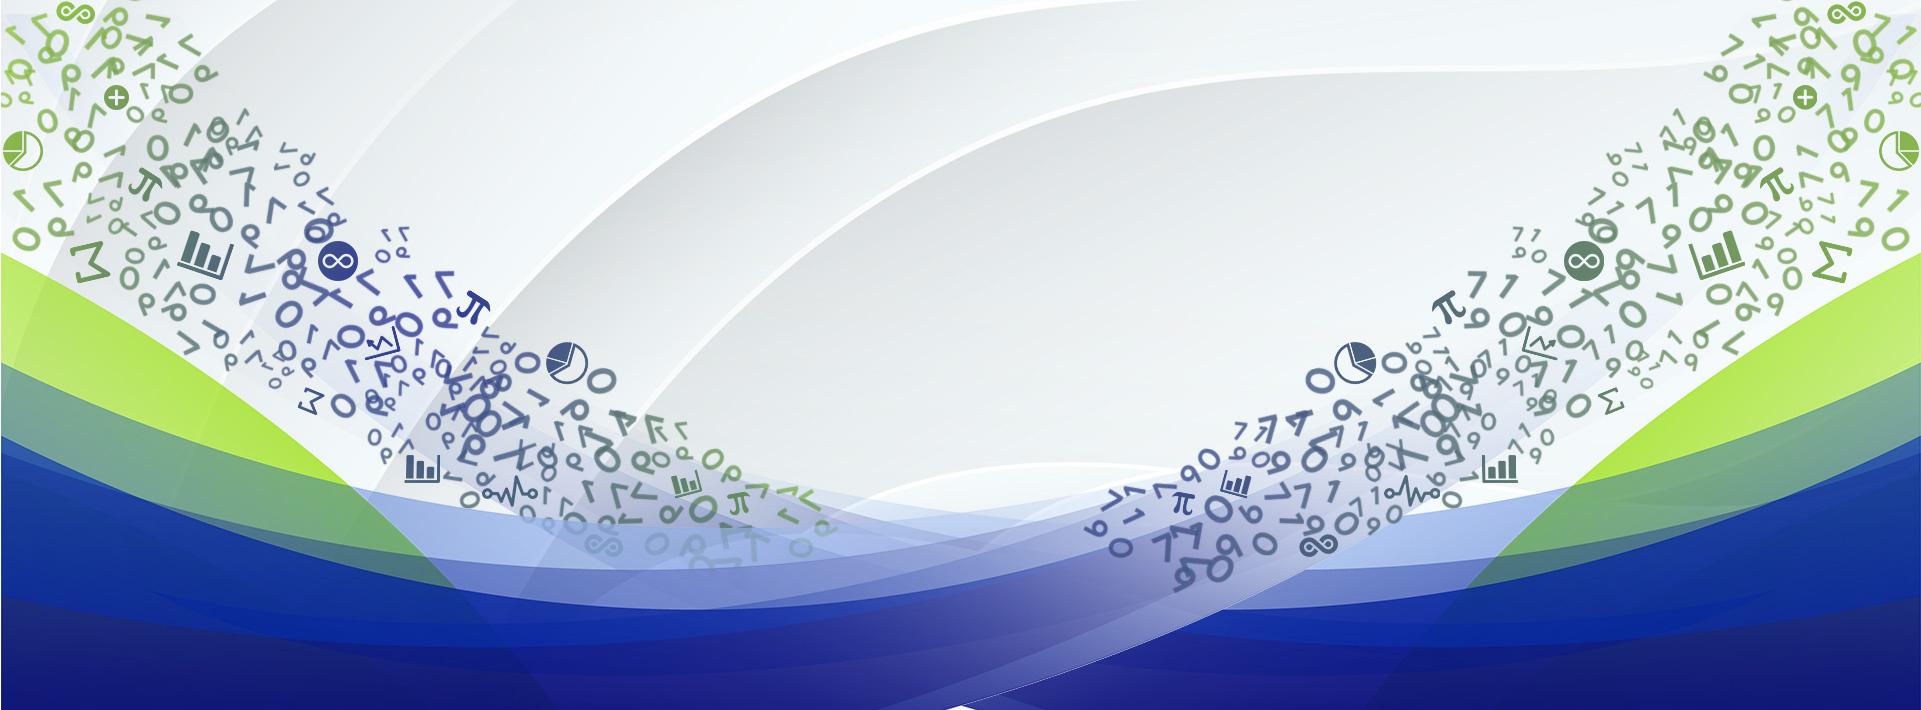 insightsartist Wave banner